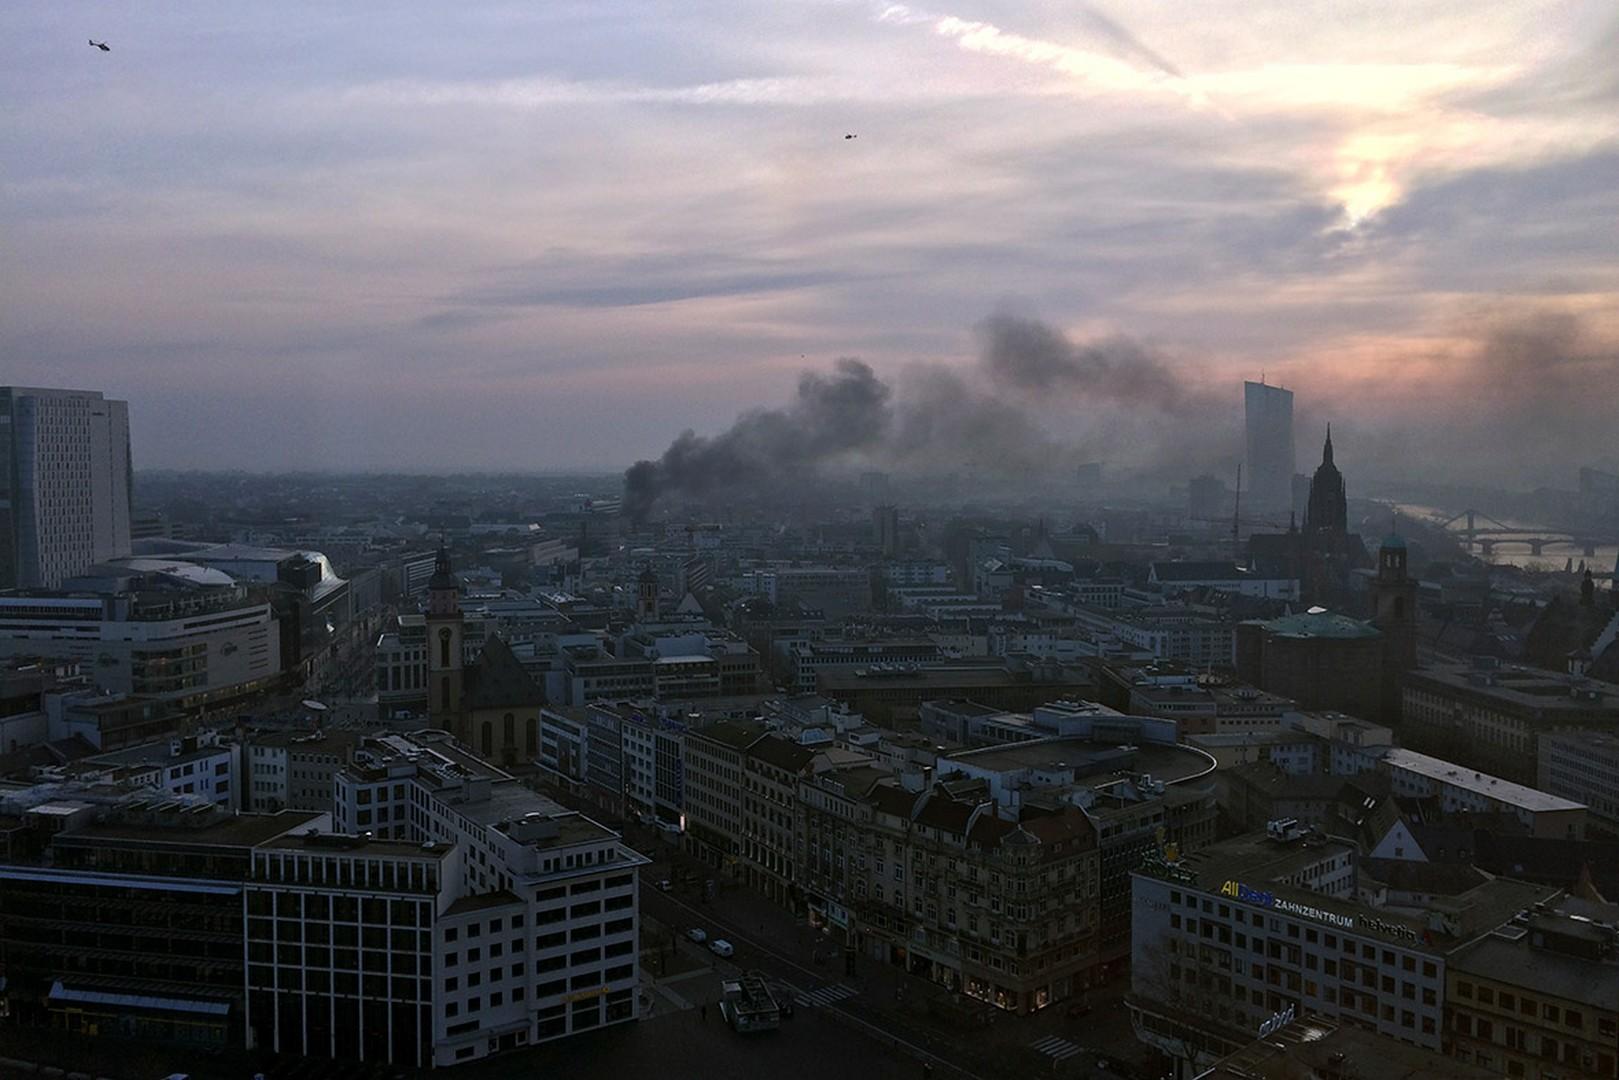 Σύμφωνα με τα γερμανικά ΜΜΕ, η Φρανκφούρτη είχε πολλές δεκαετίες να ζήσει παρόμοιες στιγμές έντασης όπως αυτές της 18ης Μαρτίου.